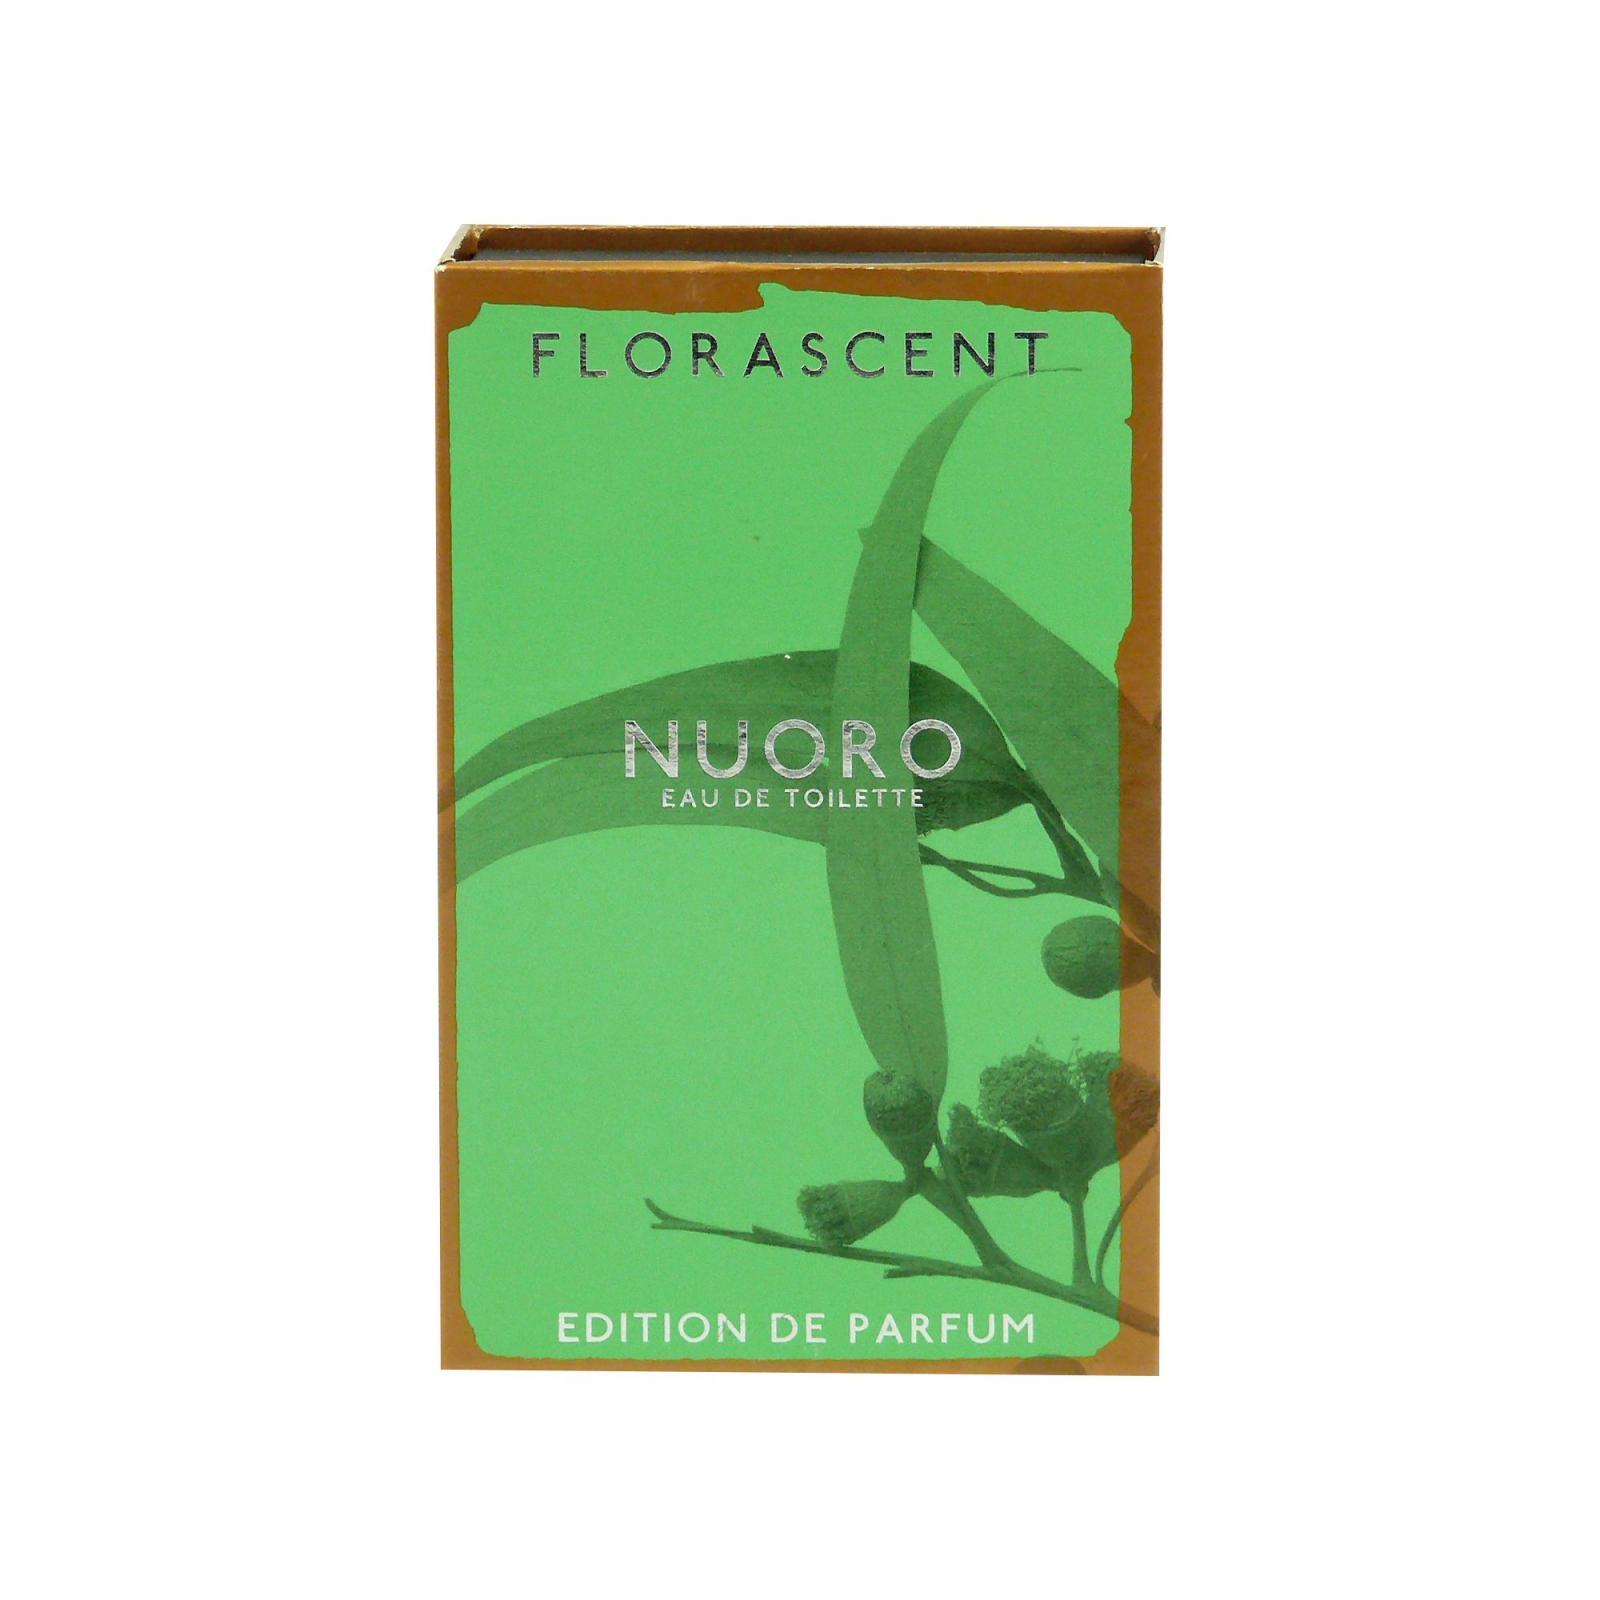 Florascent Toaletní voda Nuoro, Edition de Parfum 30 ml